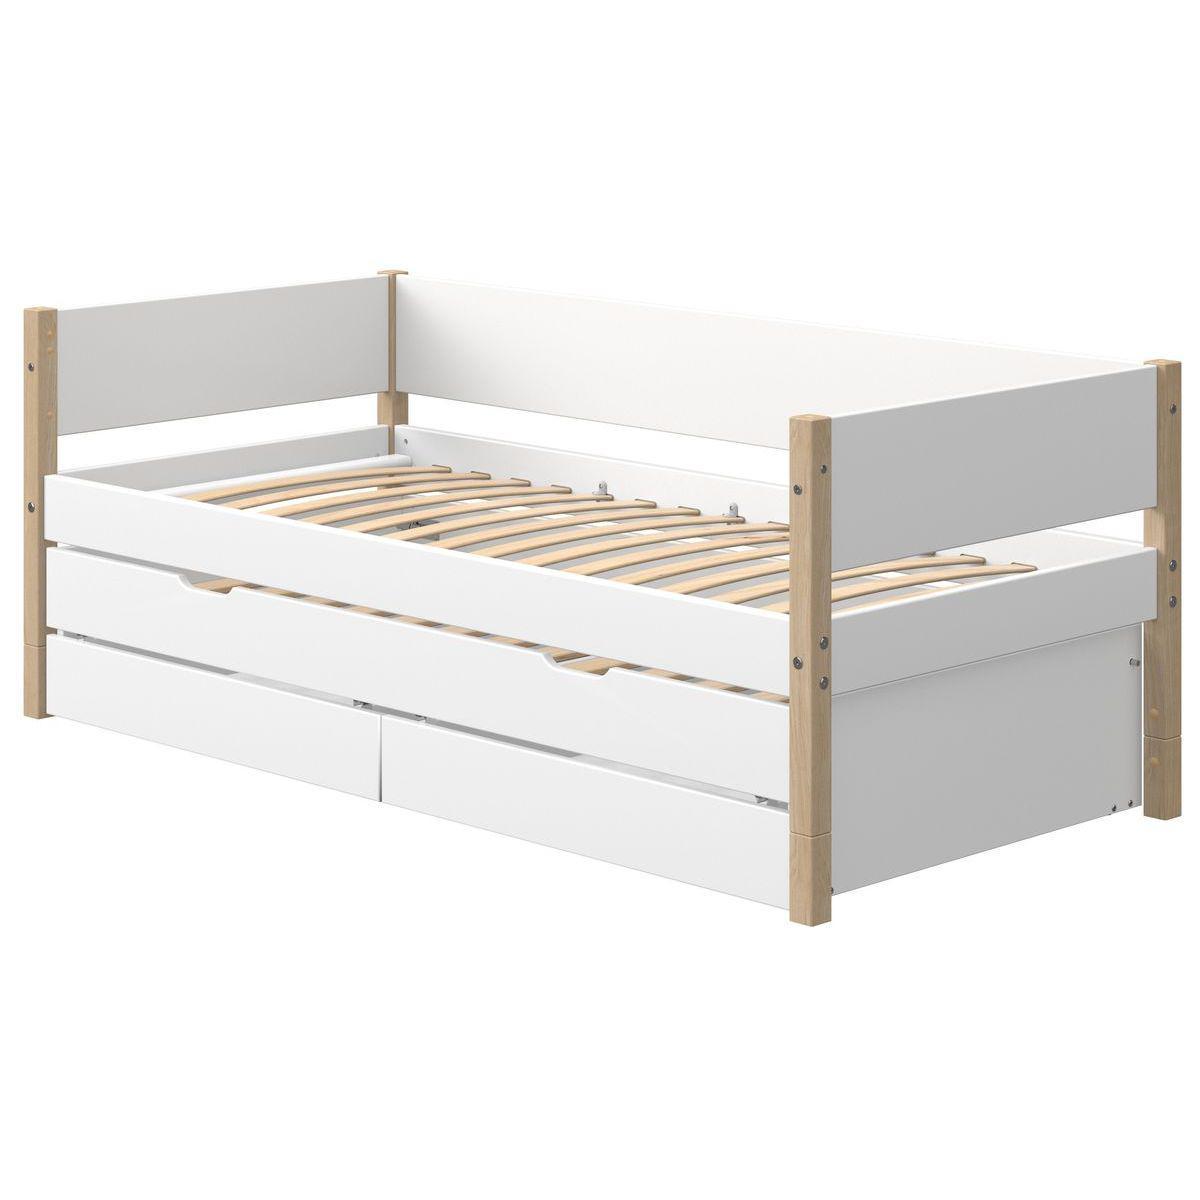 Tagesbett mitwachsend 200x90cm Ausziehbett-2 Schubladen NOR Eiche-weiß